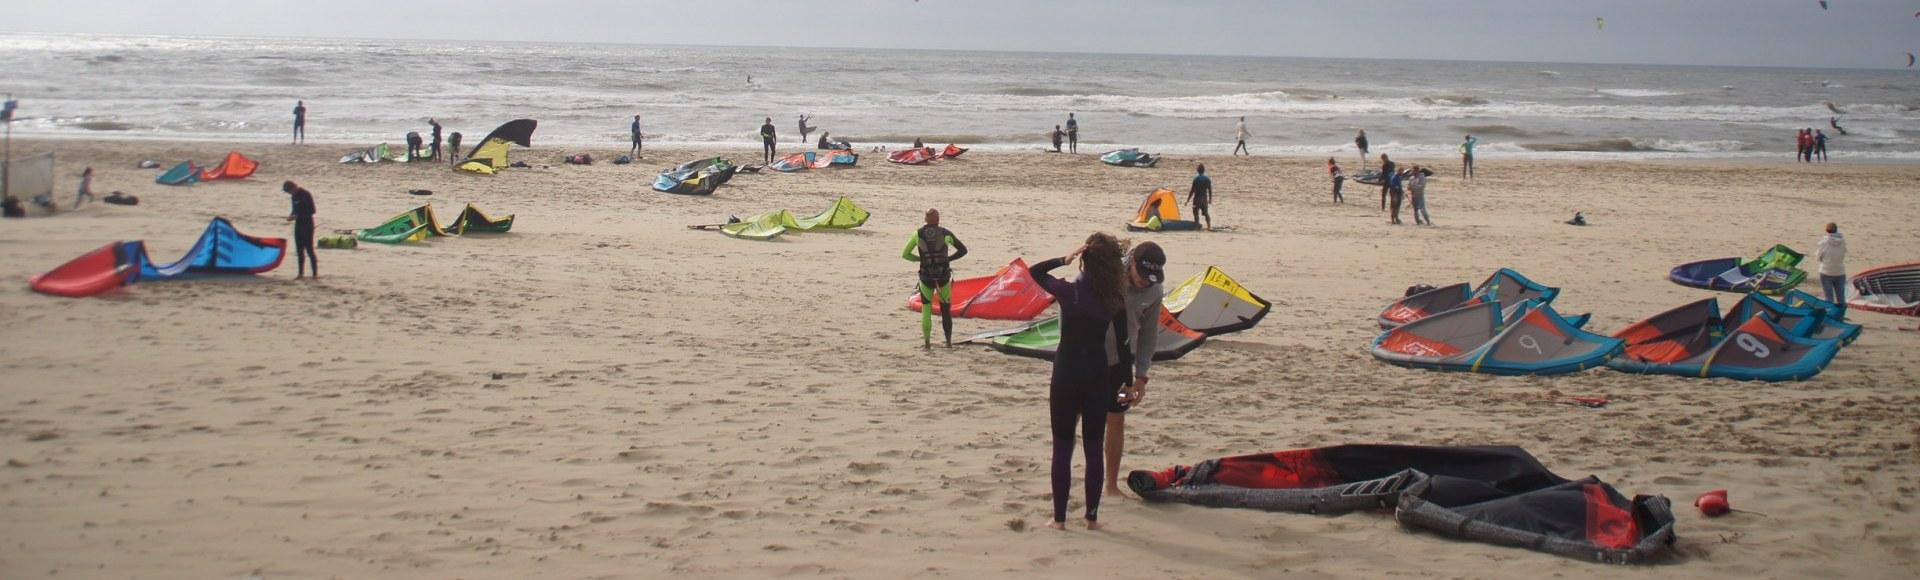 Kite gear stalling